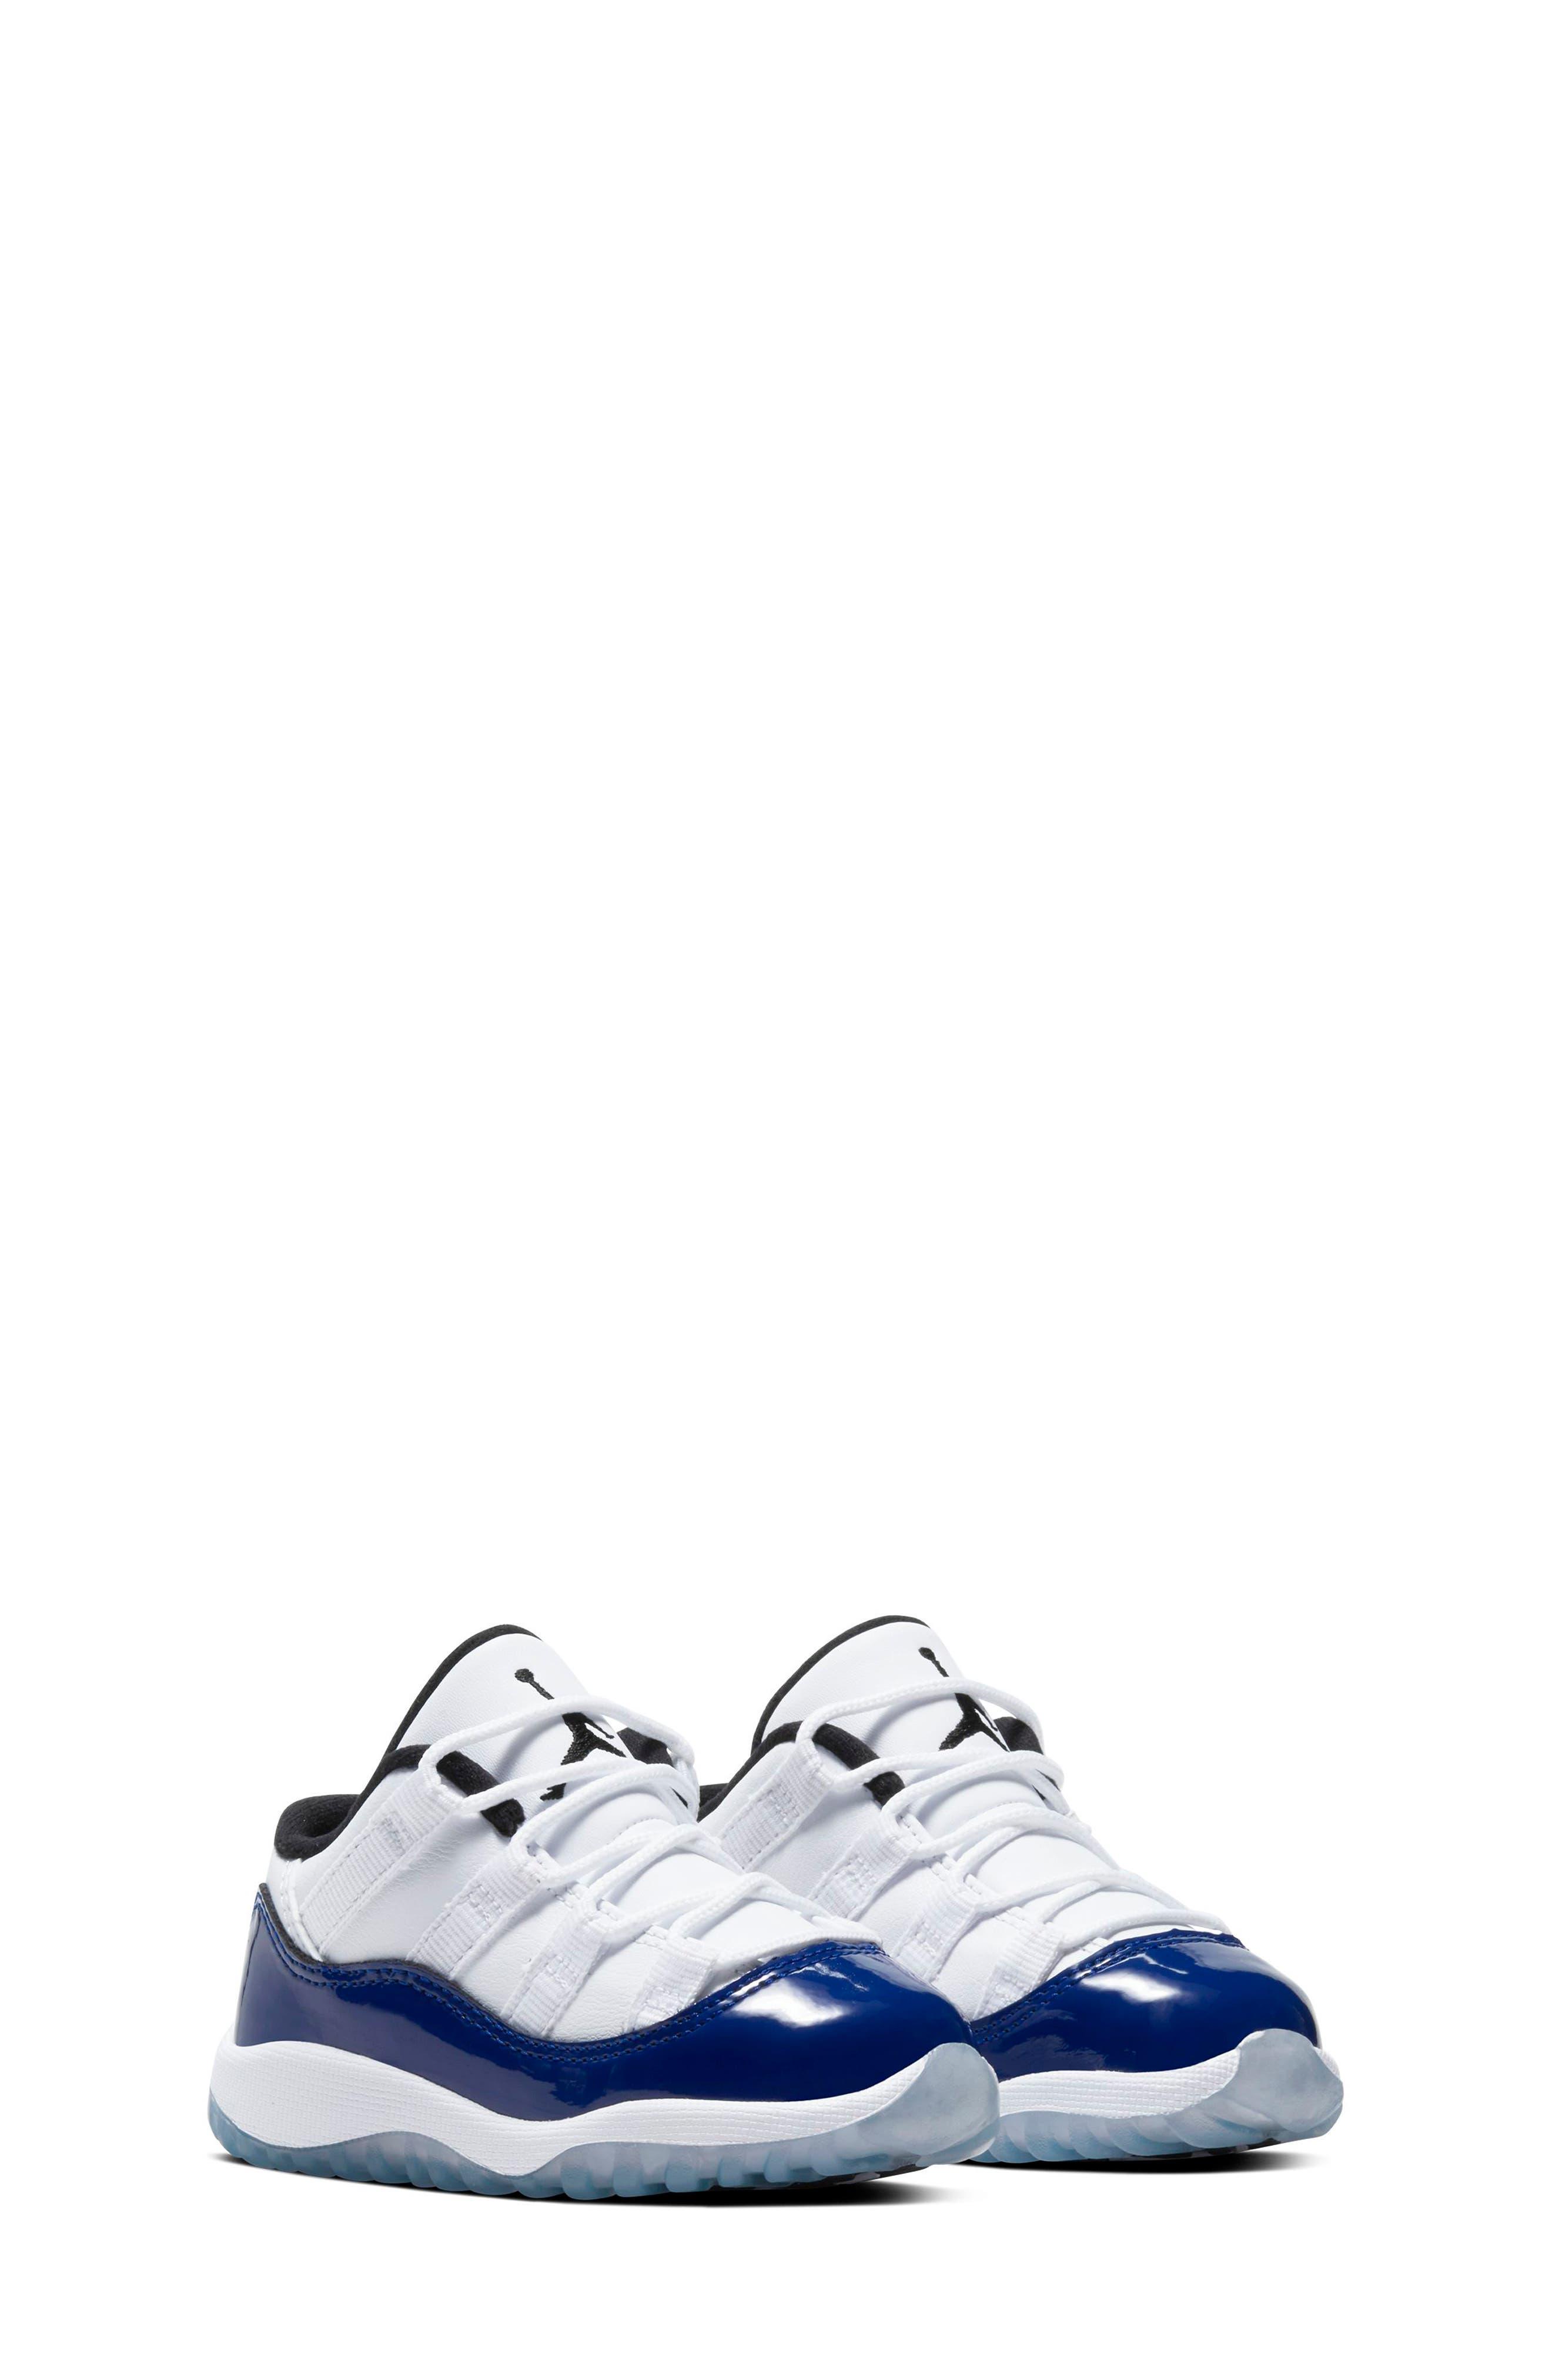 Toddler Boys' Jordan Shoes (Sizes 7.5-12)